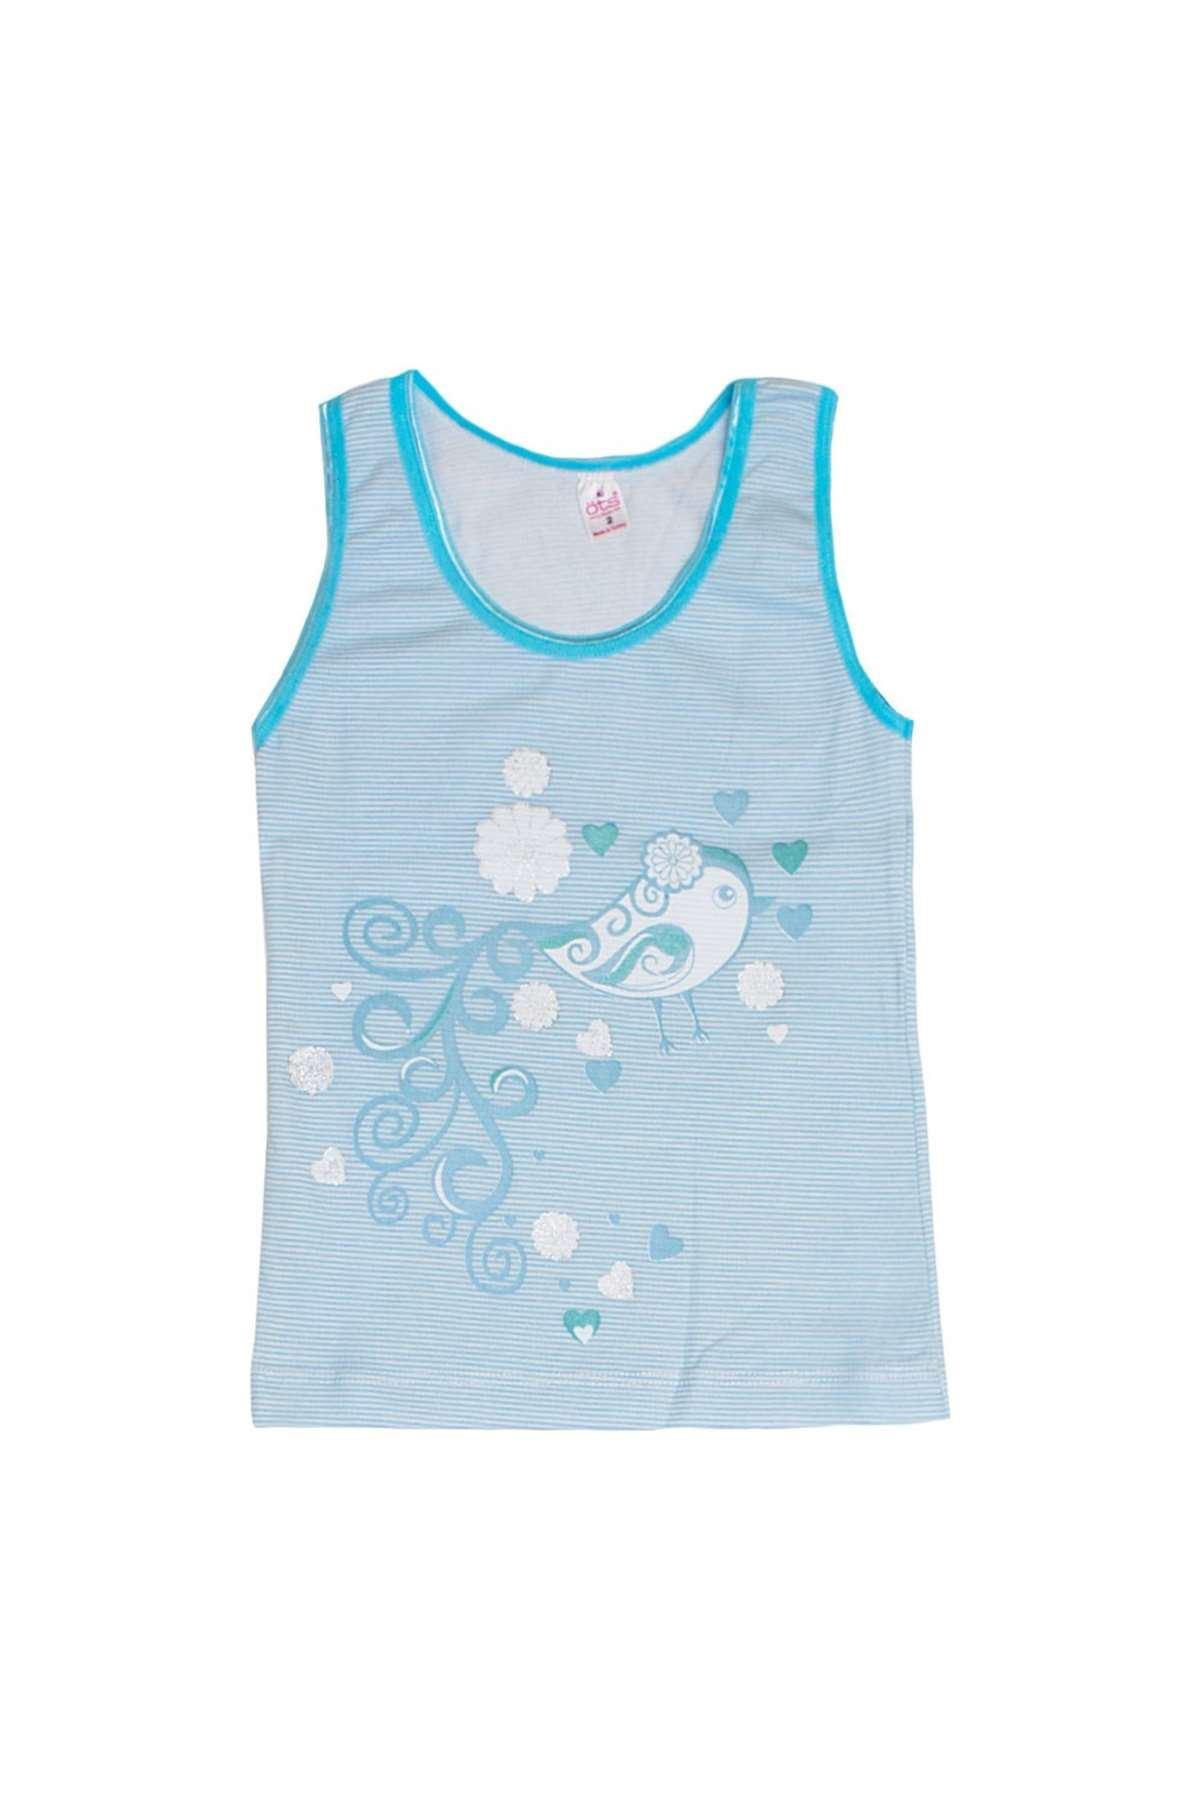 Kız Çocuk Simli Çizgili Takım Mavi